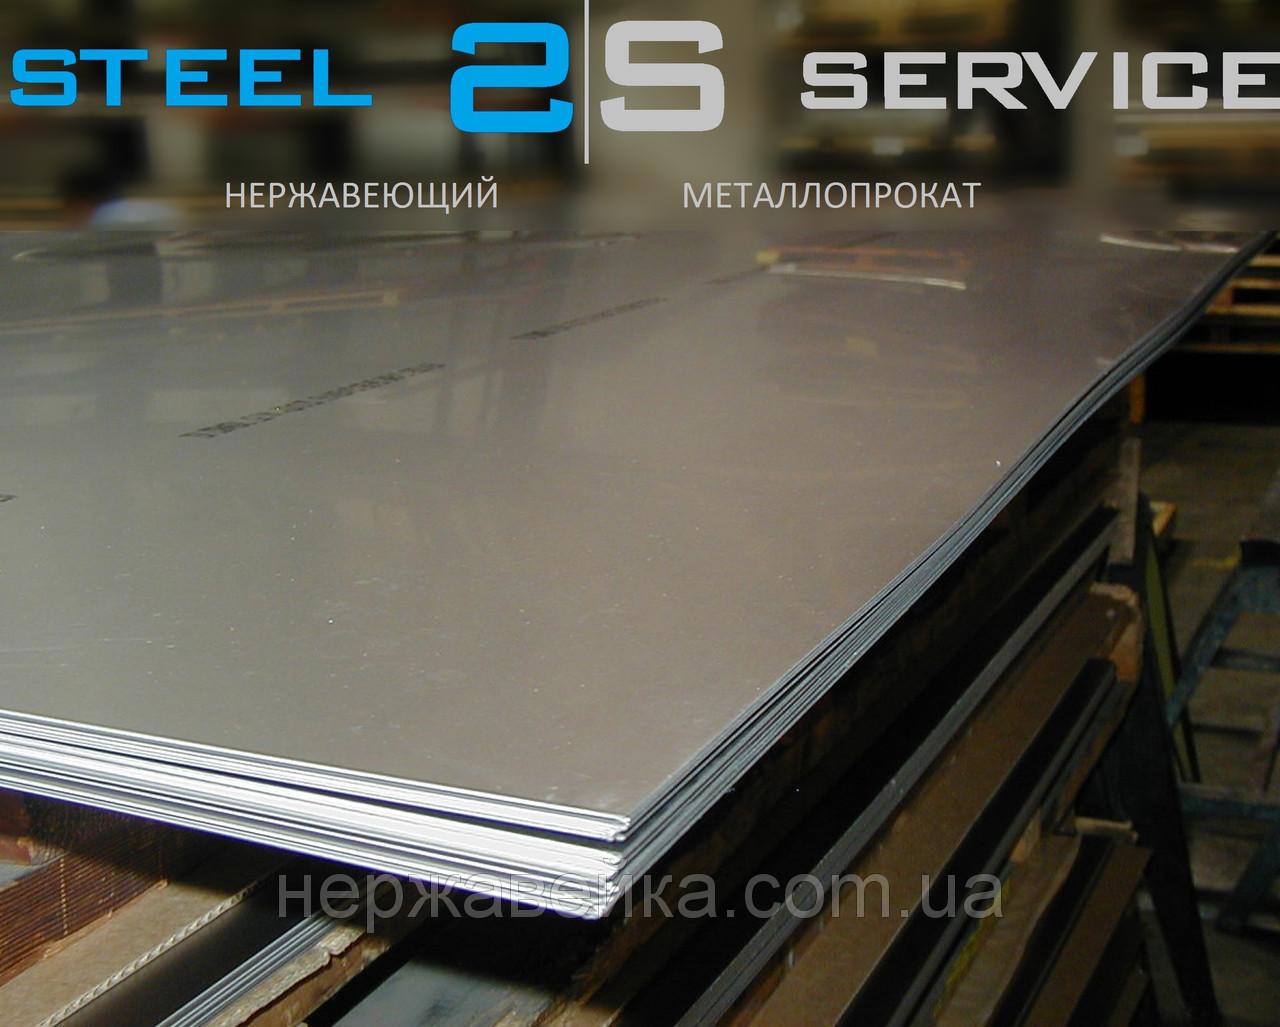 Нержавеющий лист  0,8х1220х2500мм AISI 430(12Х17) 2B DECO, декоративный в пленке, калейдоскоп